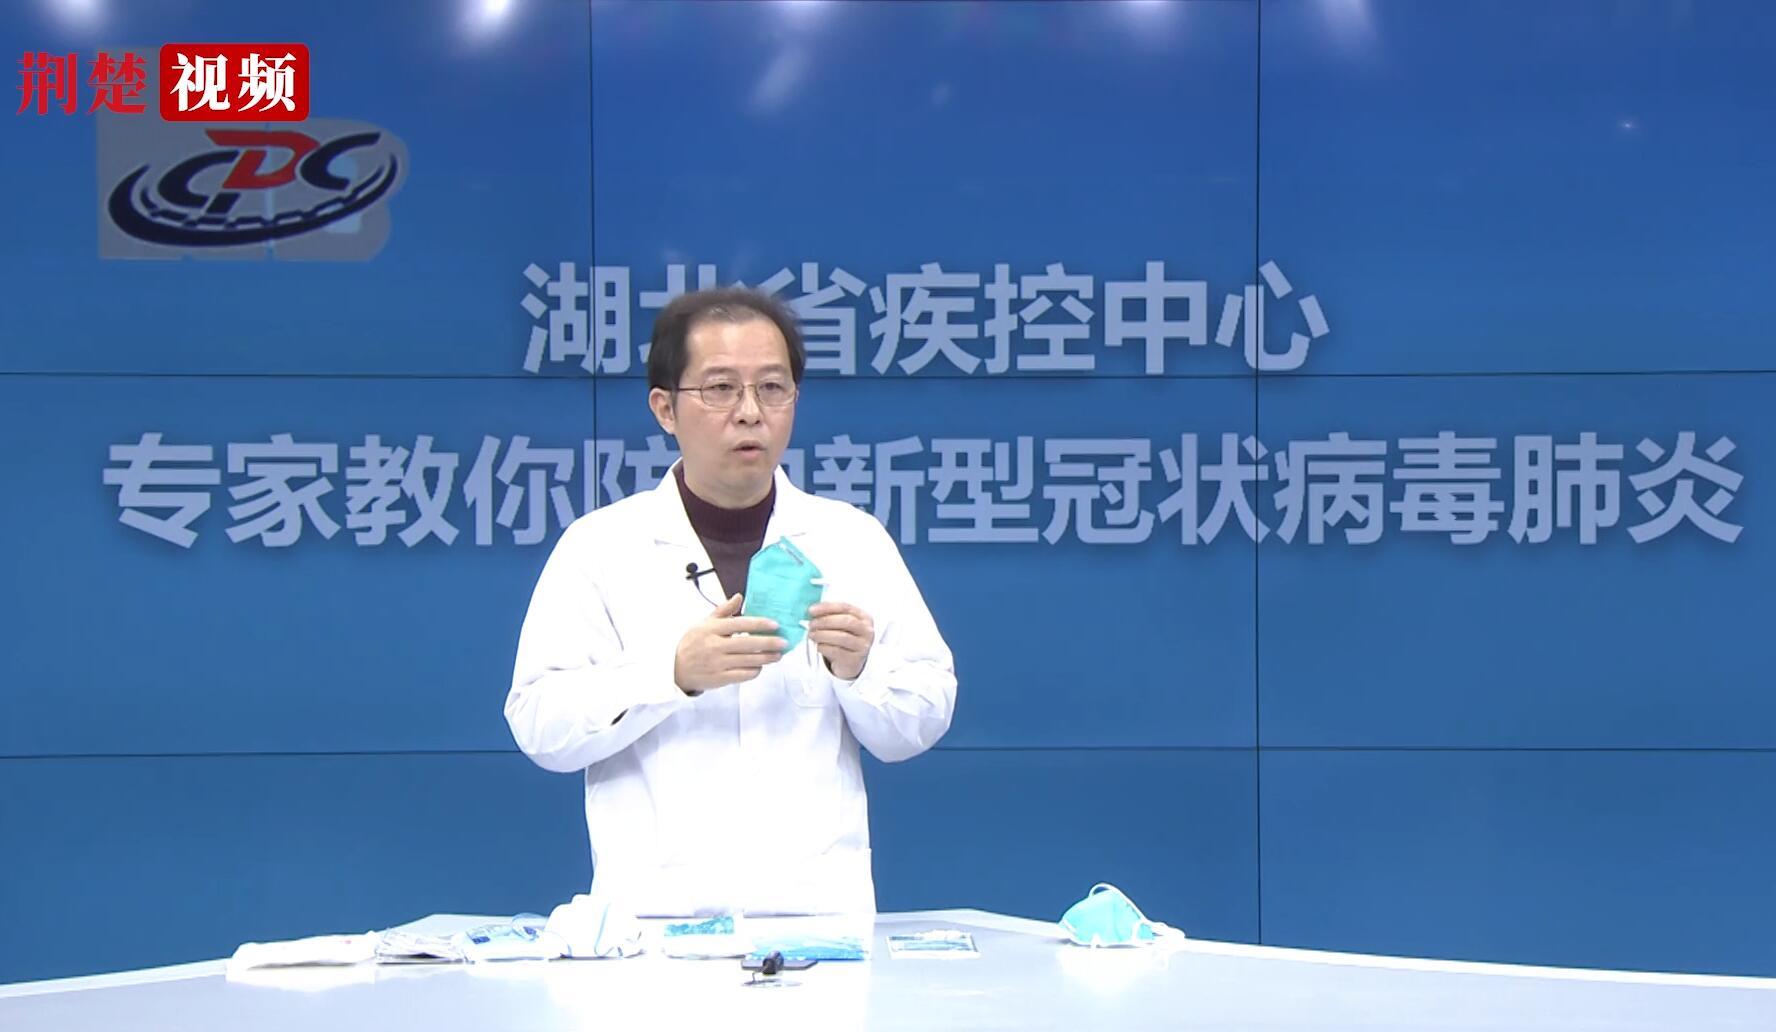 【权威科普视频第一期】湖北省疾控中心专家教你如何选口罩